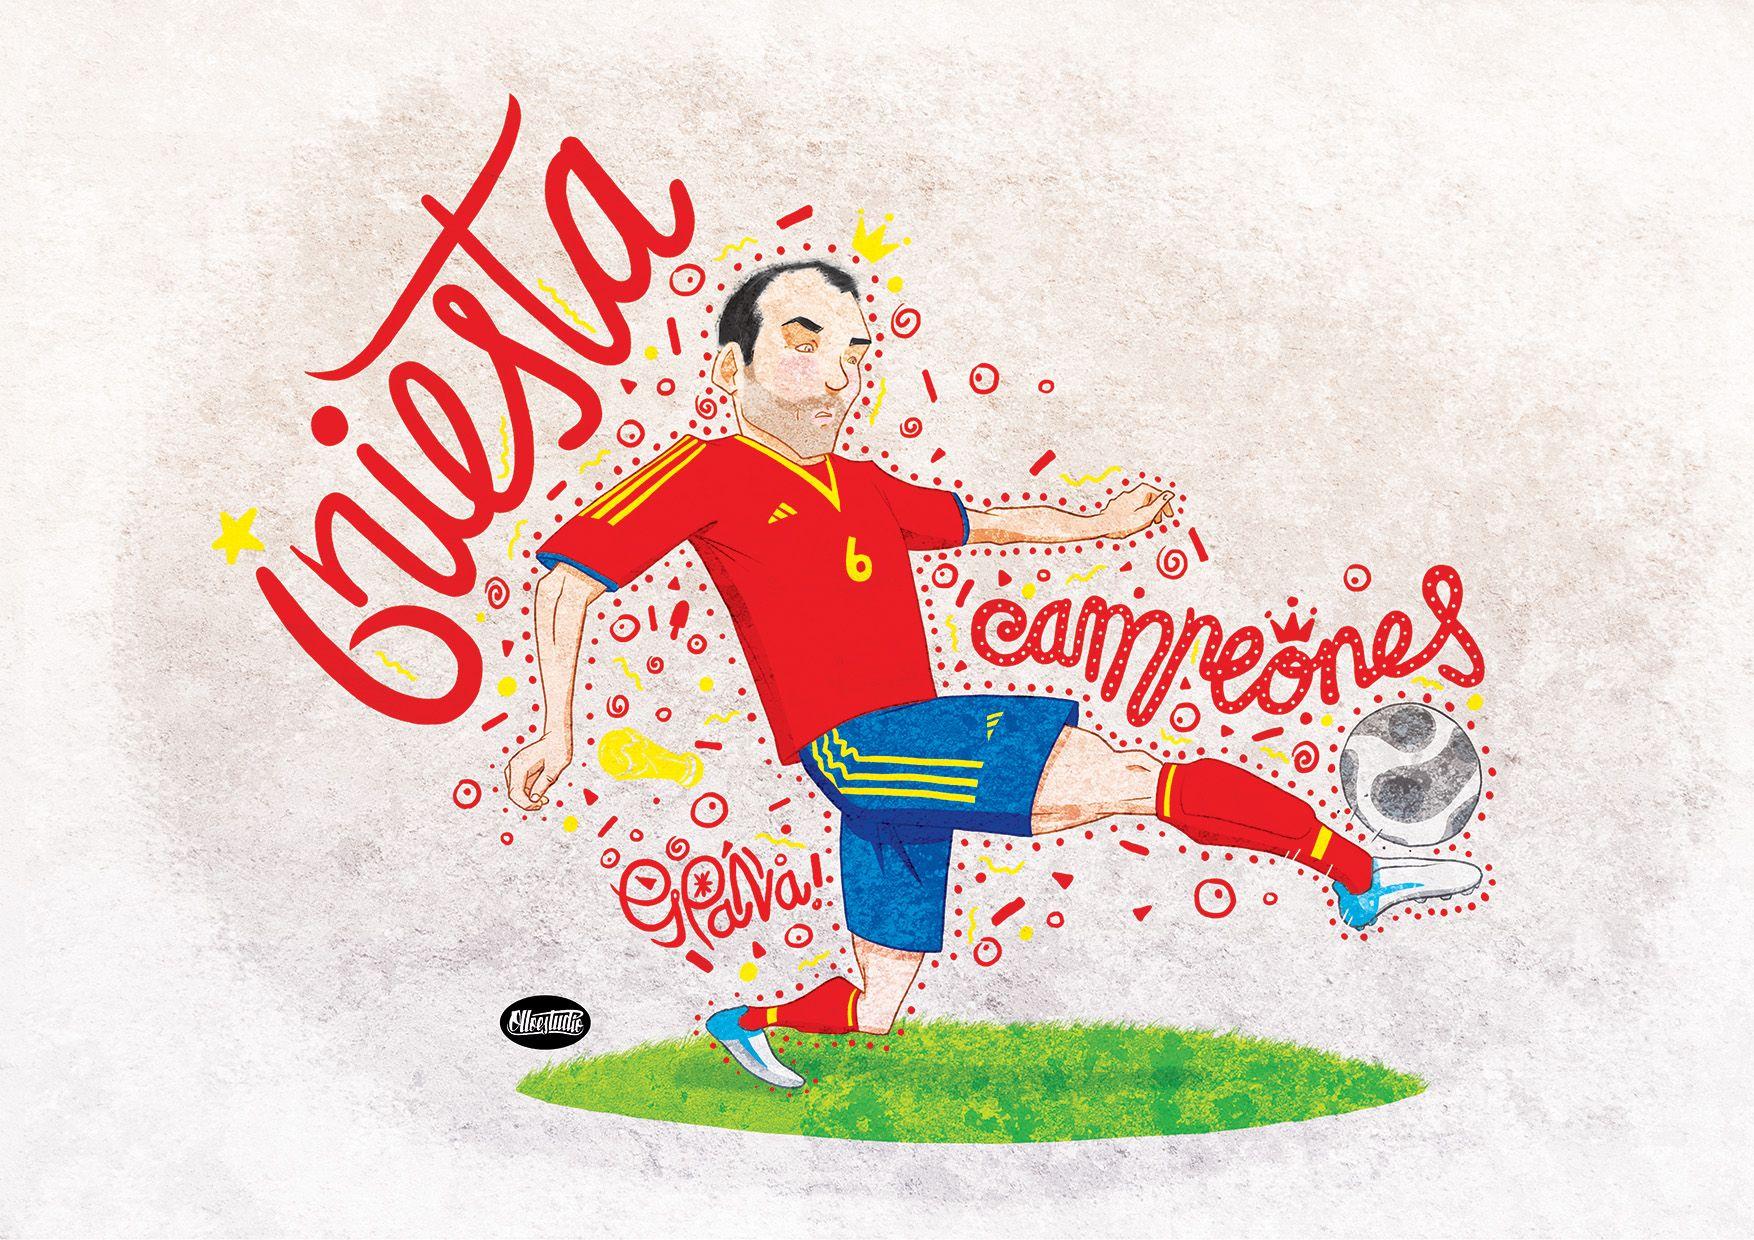 #Iniesta #fútbol #soccer #football #españa